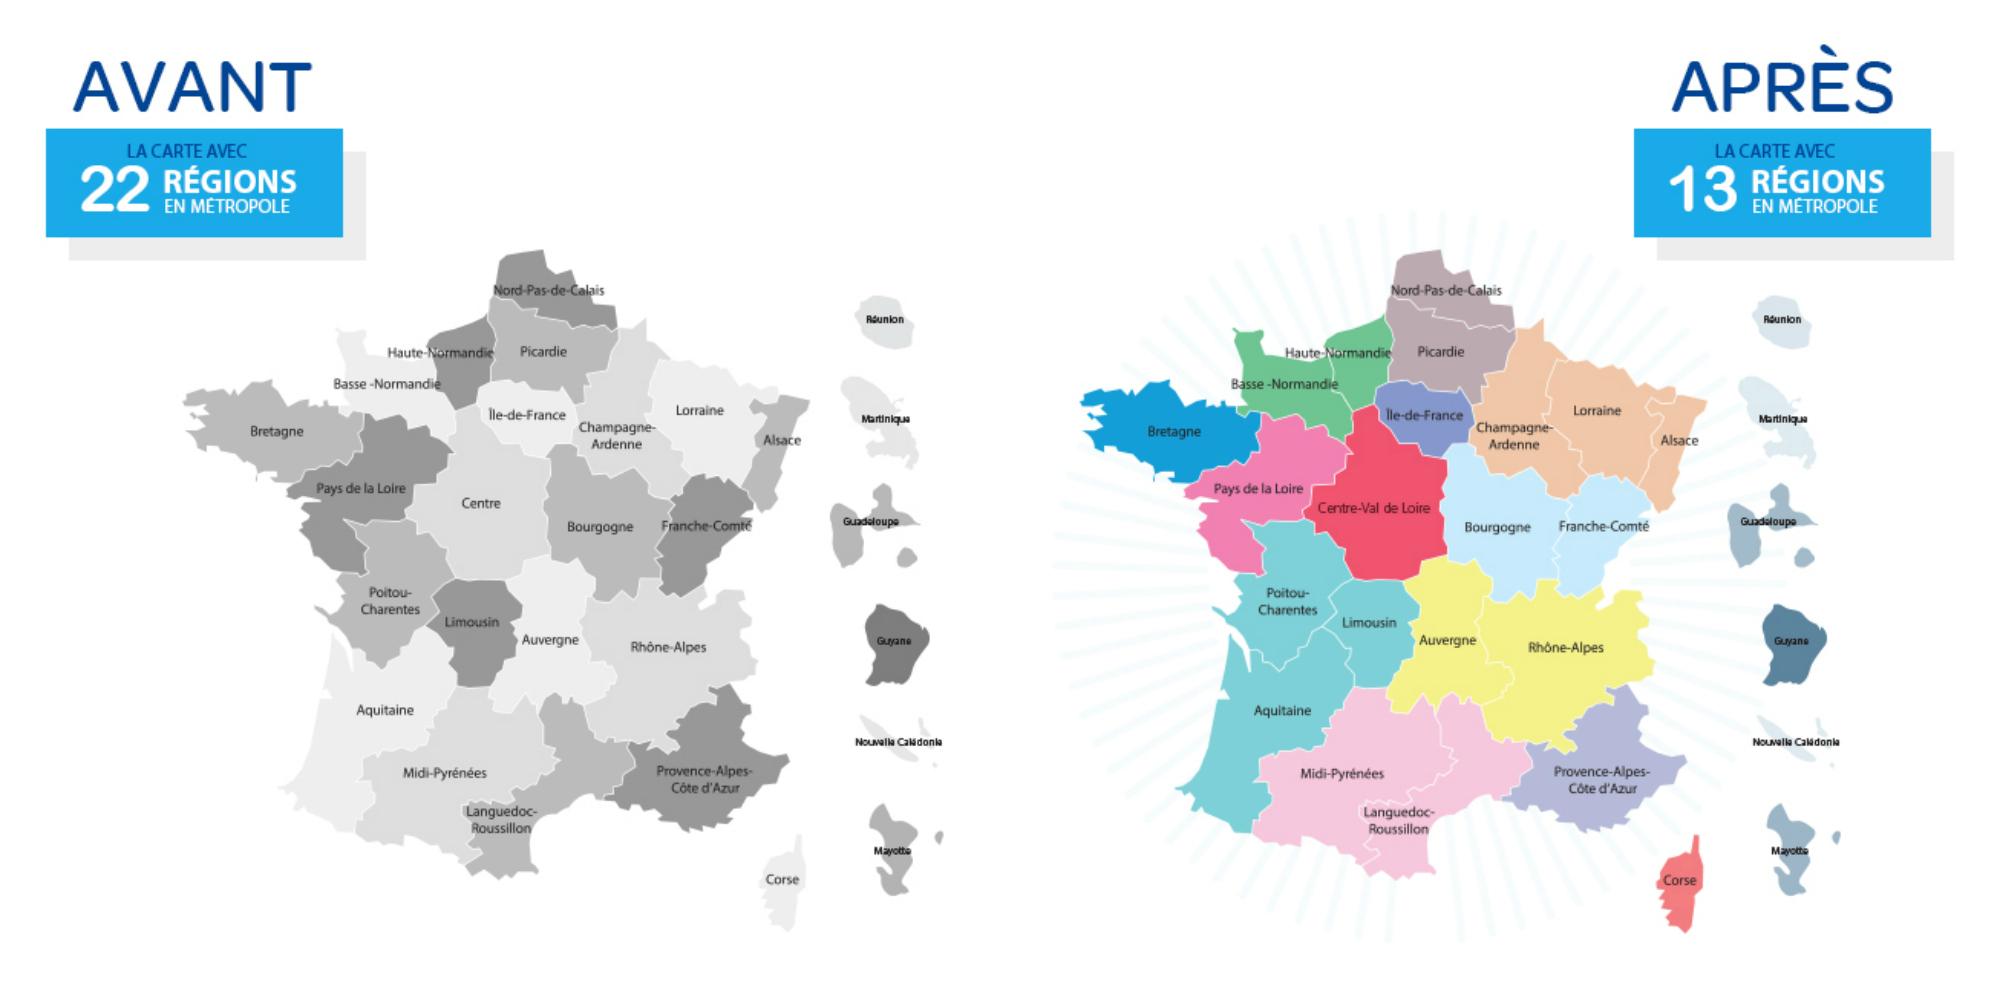 Nom des nouvelles region de france